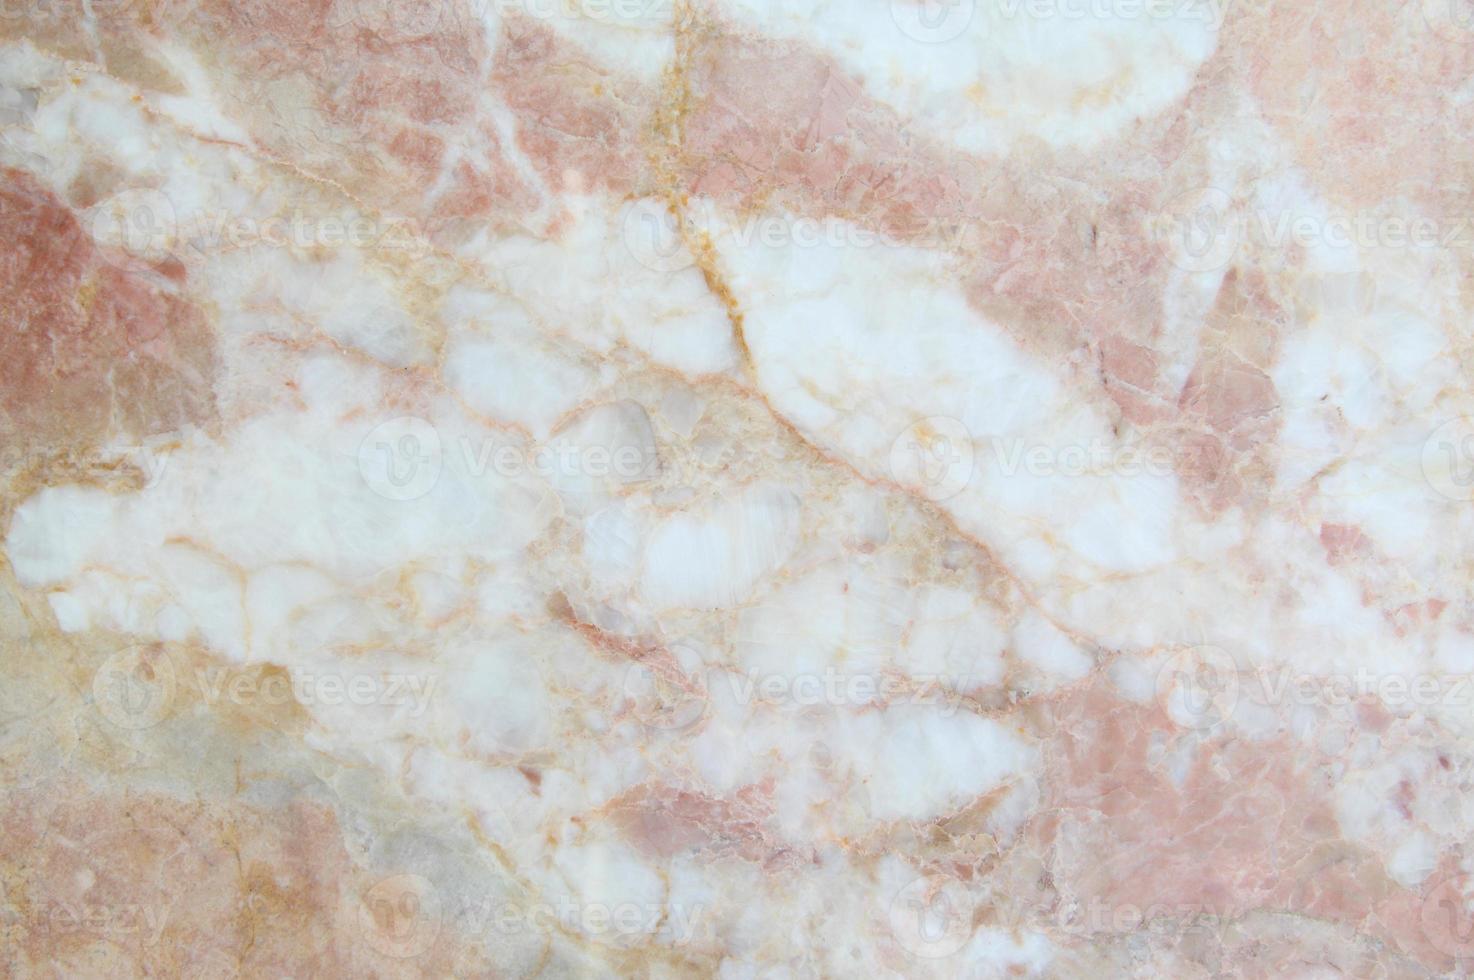 mármore telhas textura parede mármore plano de fundo foto